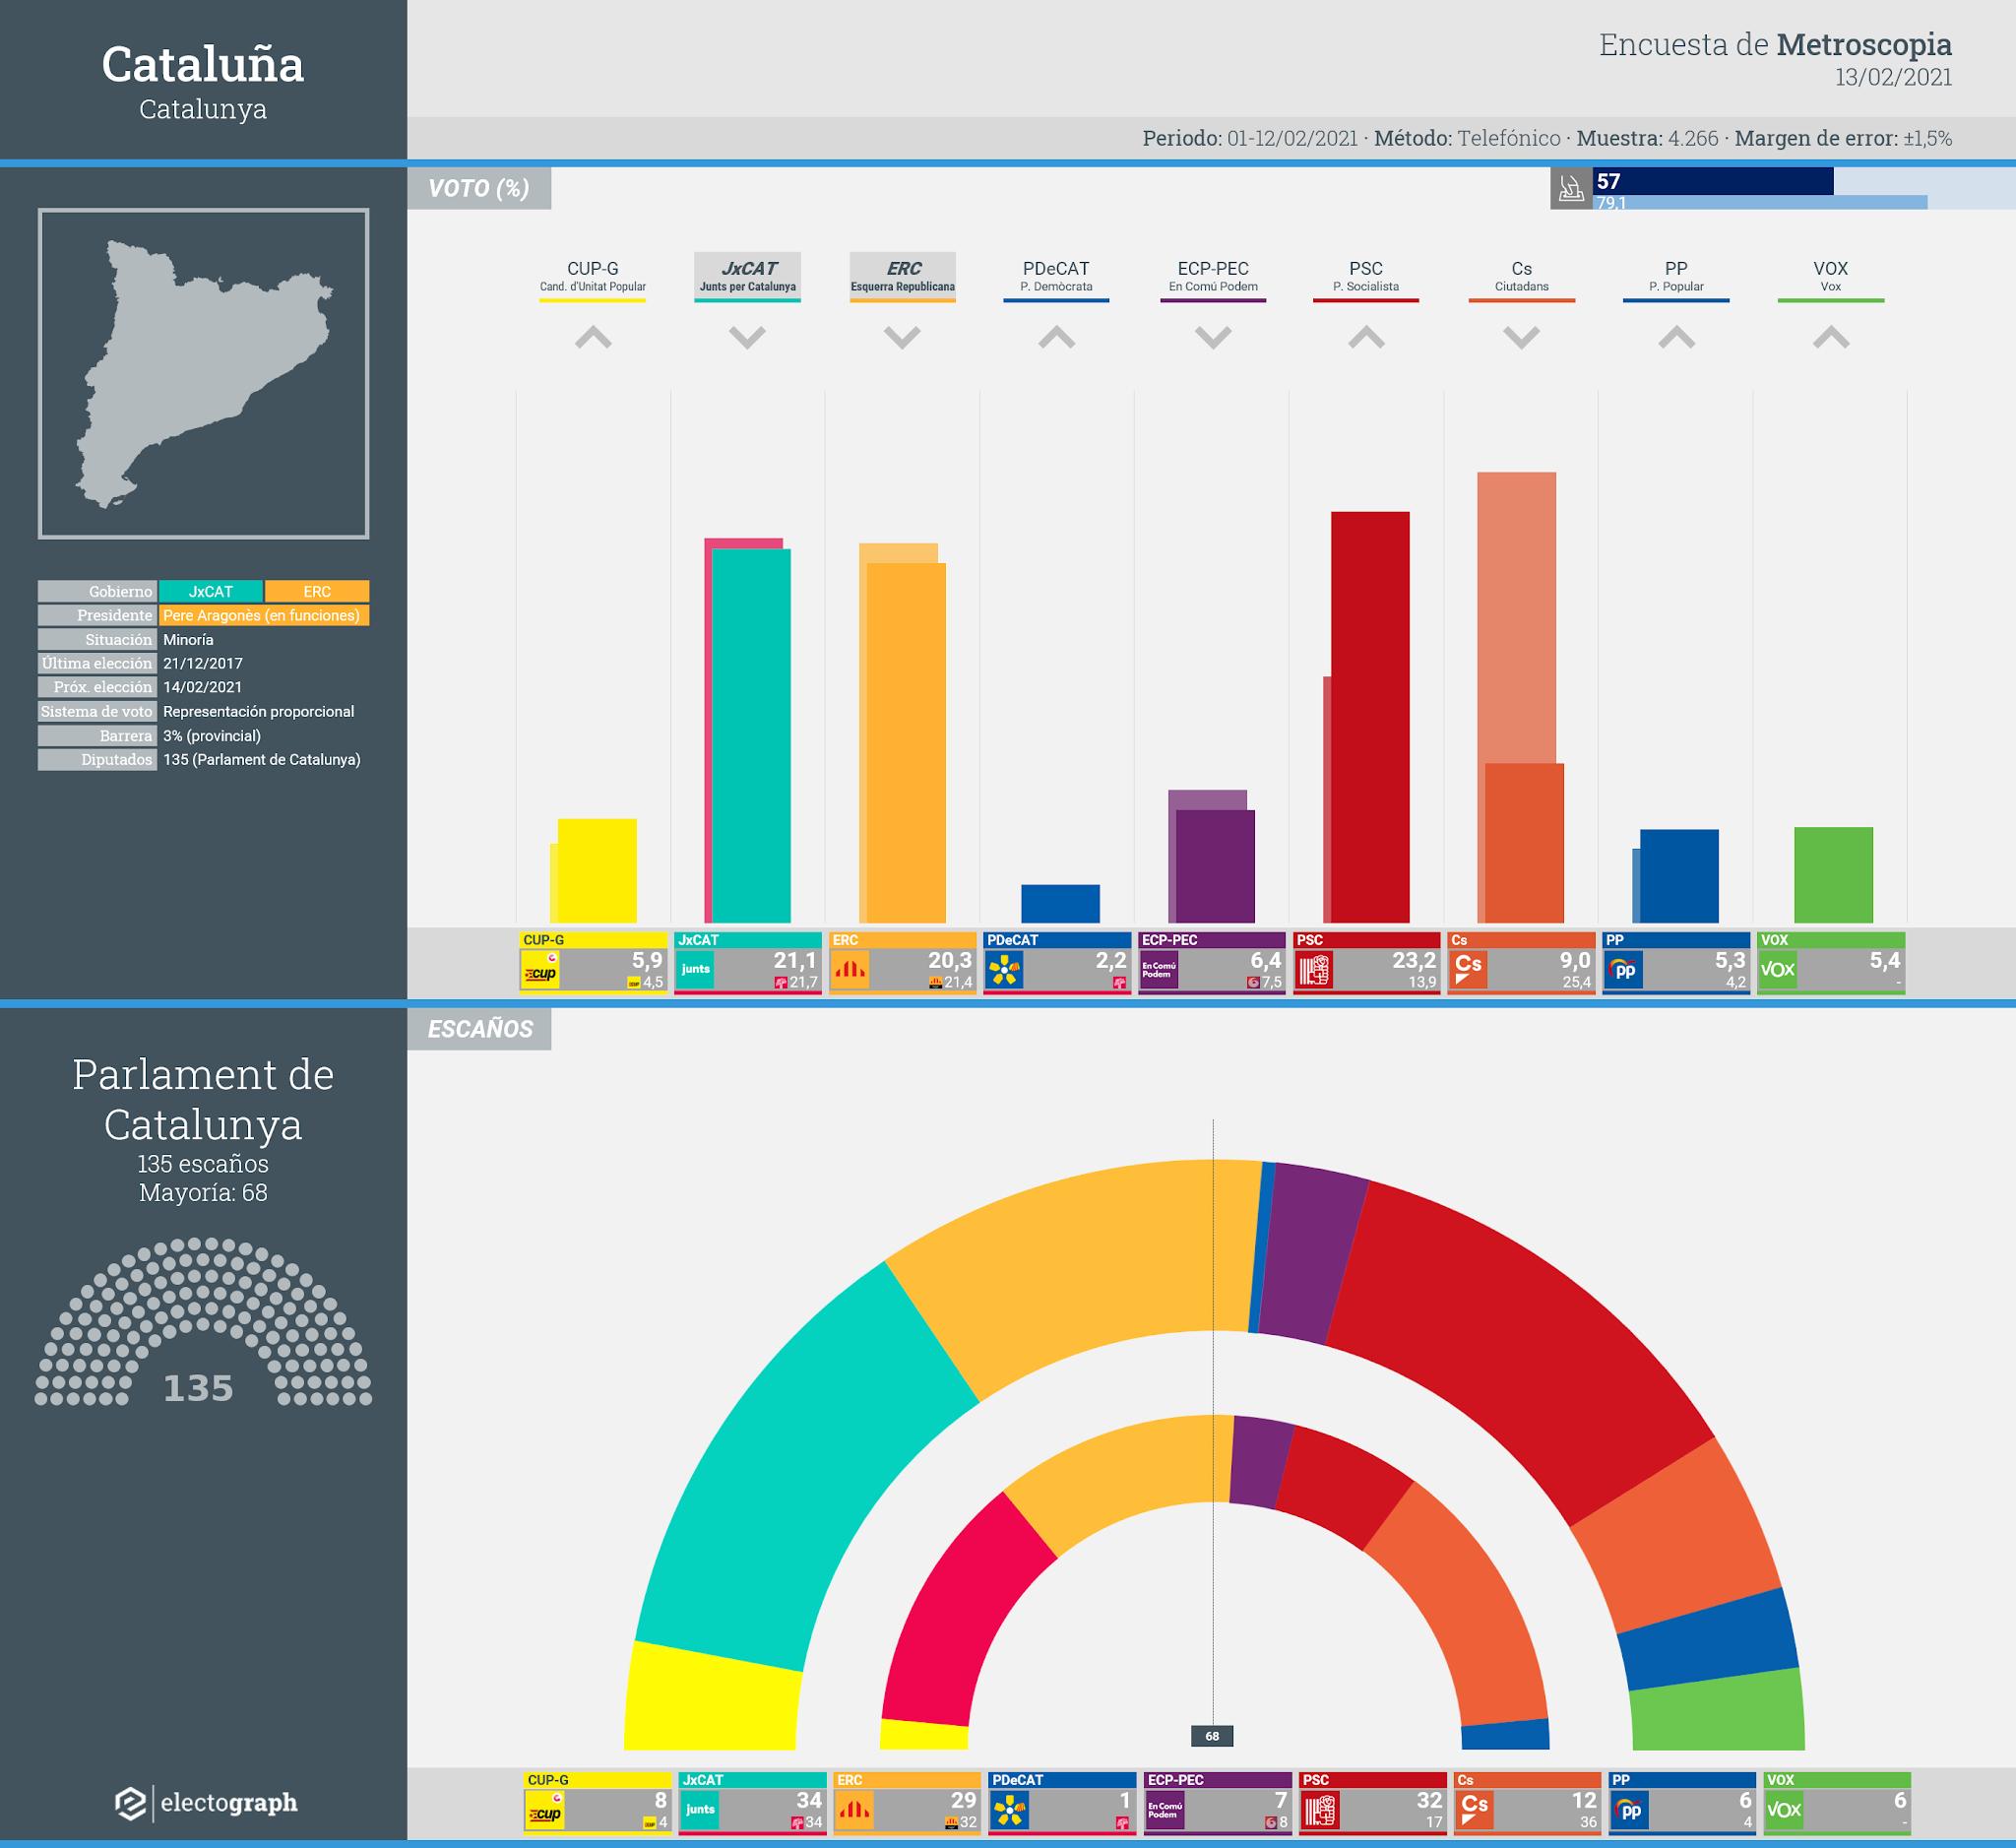 Gráfico de la encuesta para elecciones generales en Cataluña realizada por Metroscopia, 13 febrero 2021